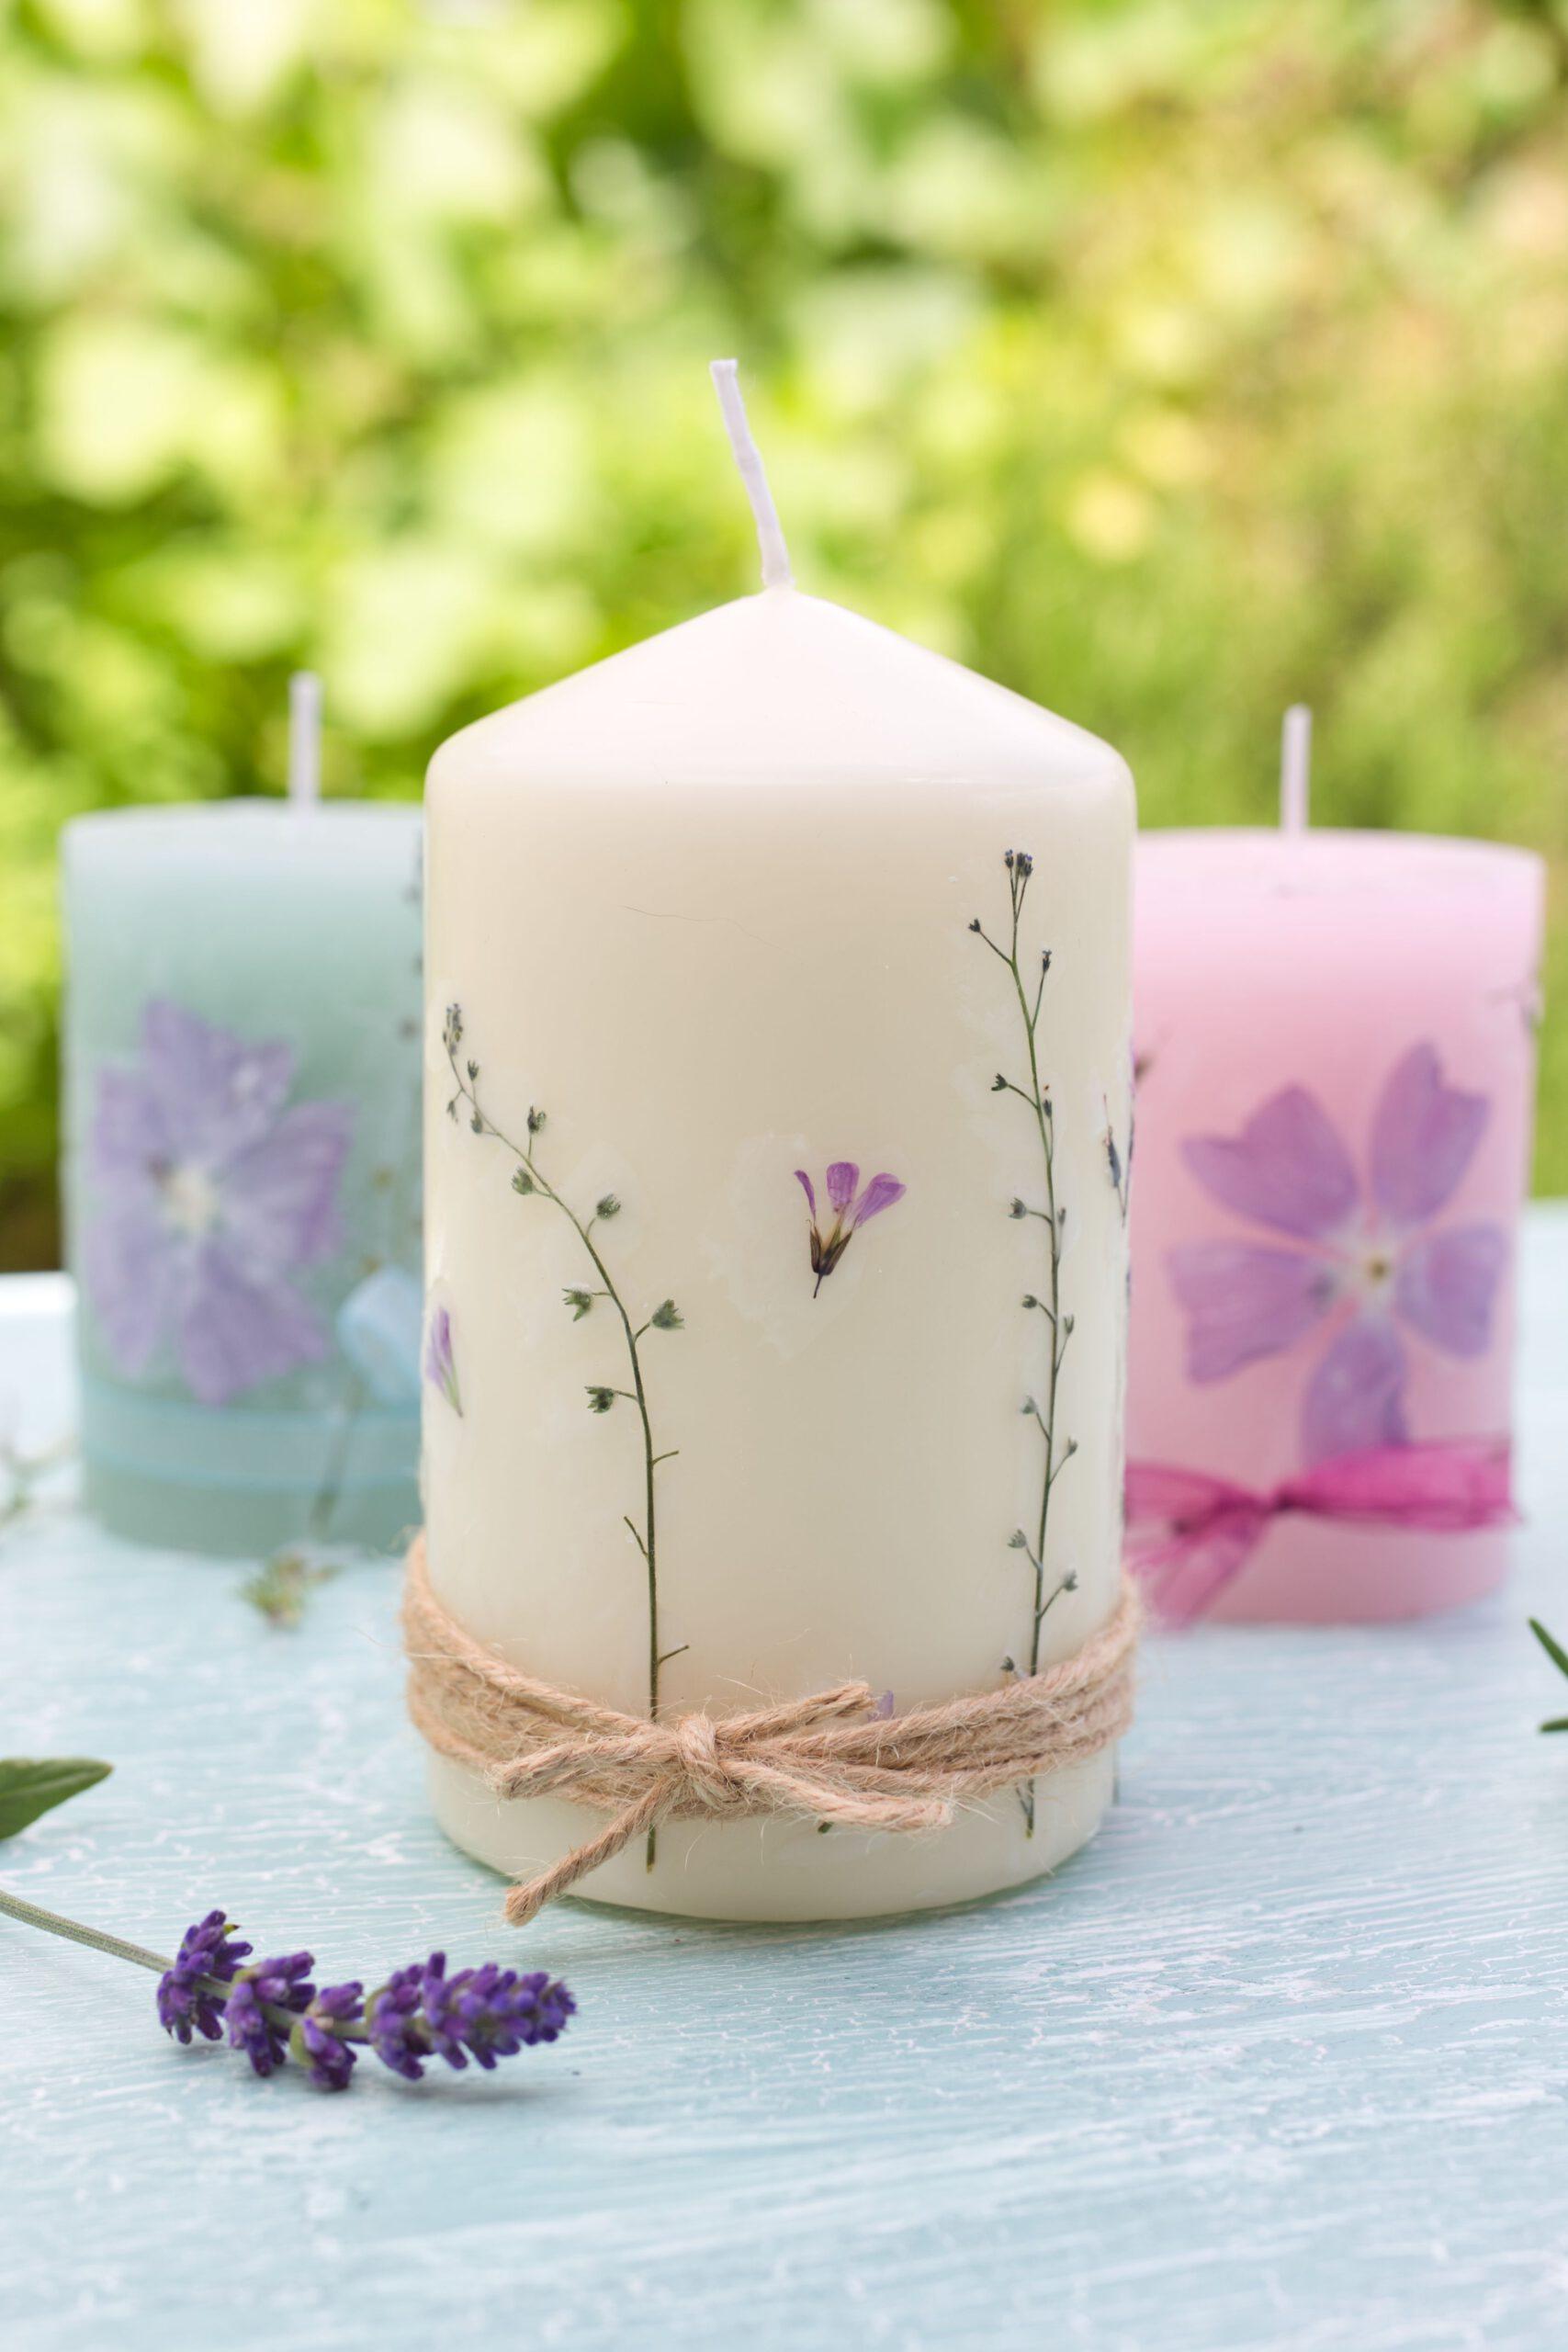 Kerzen mit gepressten Blüten sind ein wunderbares Geschenk - einfache DIY Idee